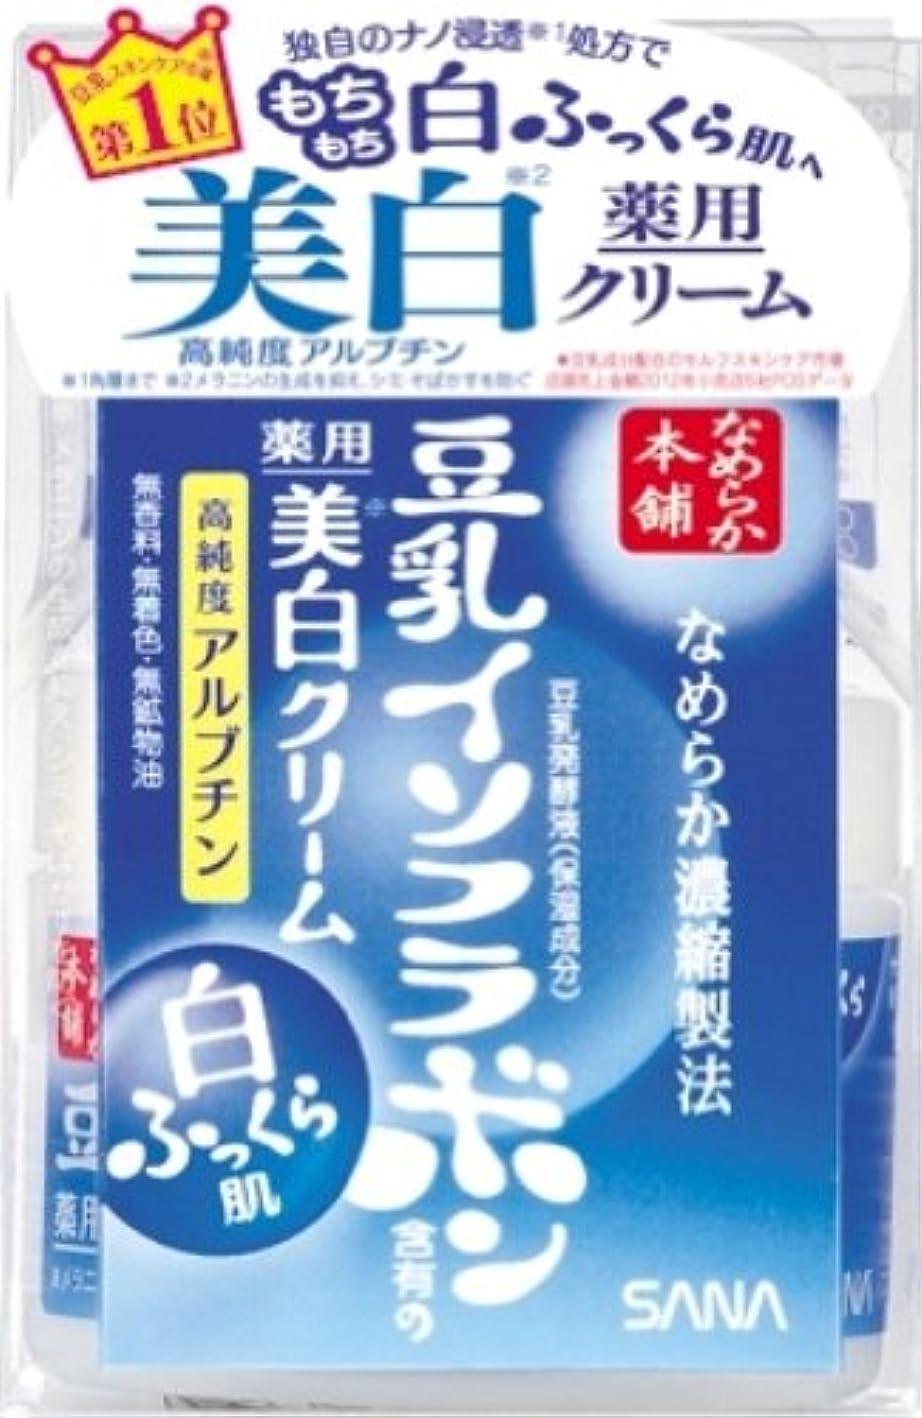 トライアスロンエッセイ情緒的なめらか本舗 薬用美白クリーム 50g